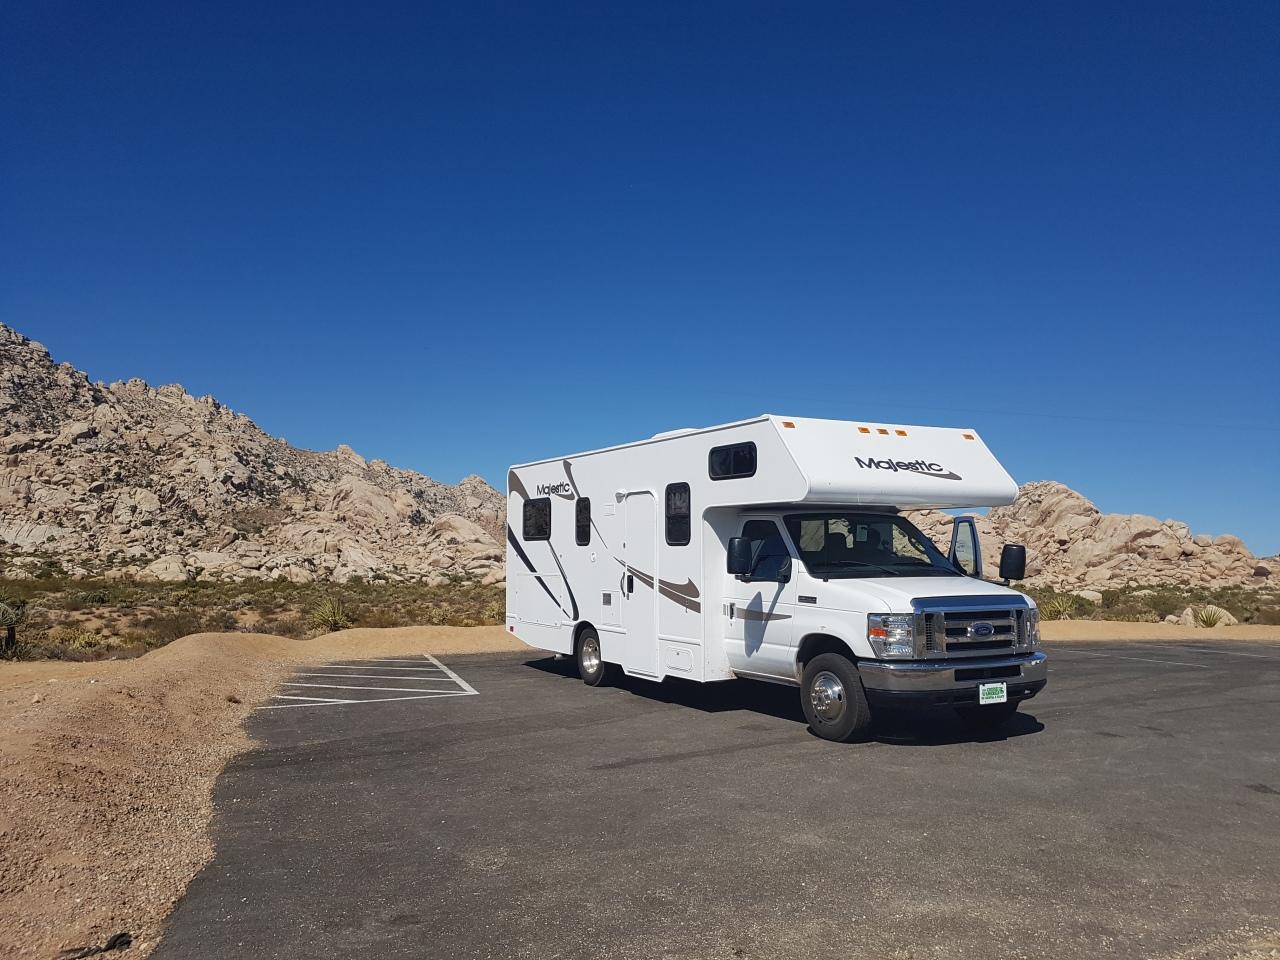 Se aventurando de RV pelos EUA – dicas de como viajar de RV(motorhome).